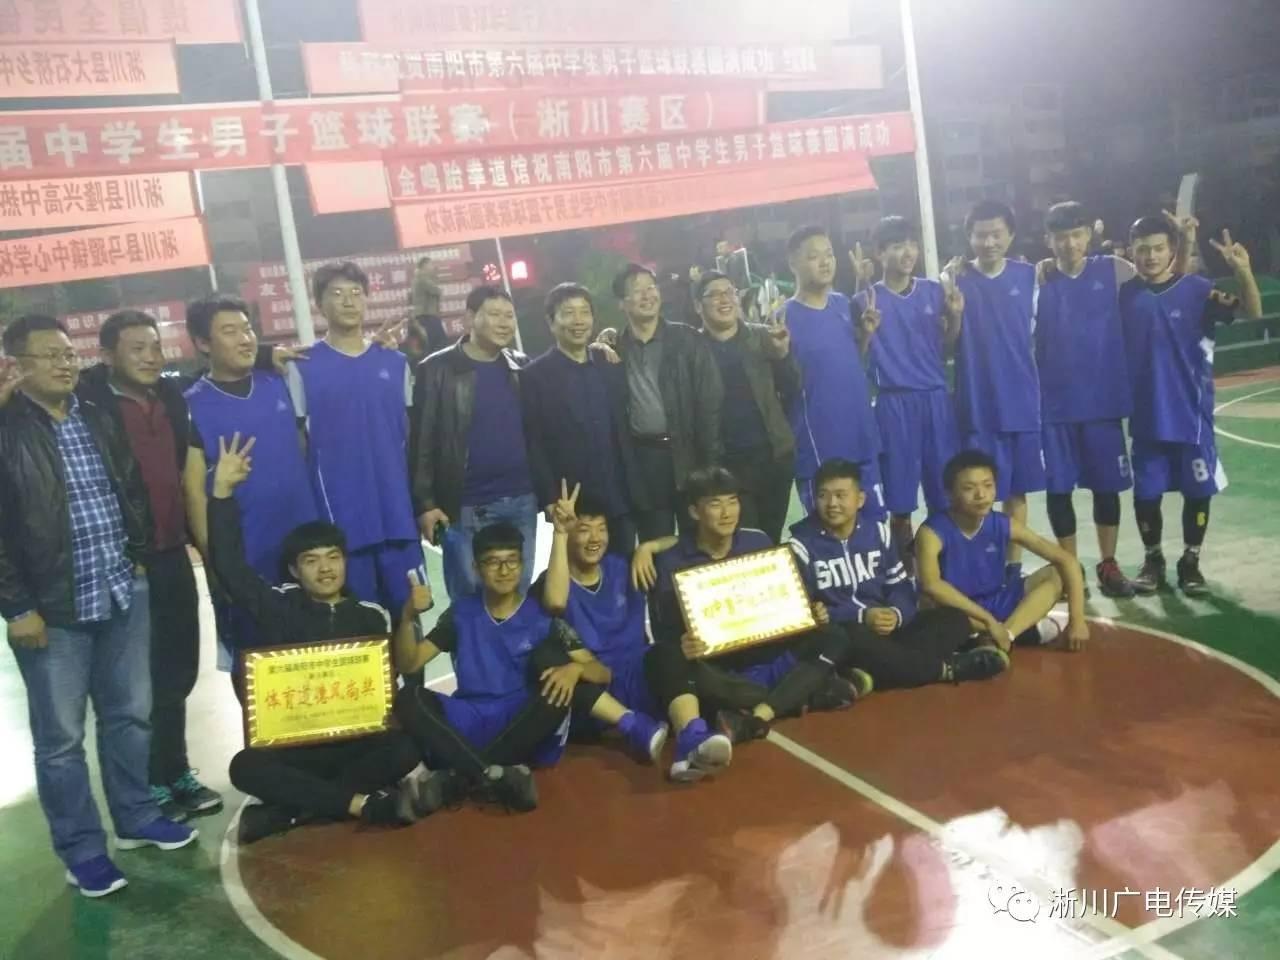 积极参与文体活动 巩固德育教育成果 ----县二初中荣获南阳市男子篮球图片